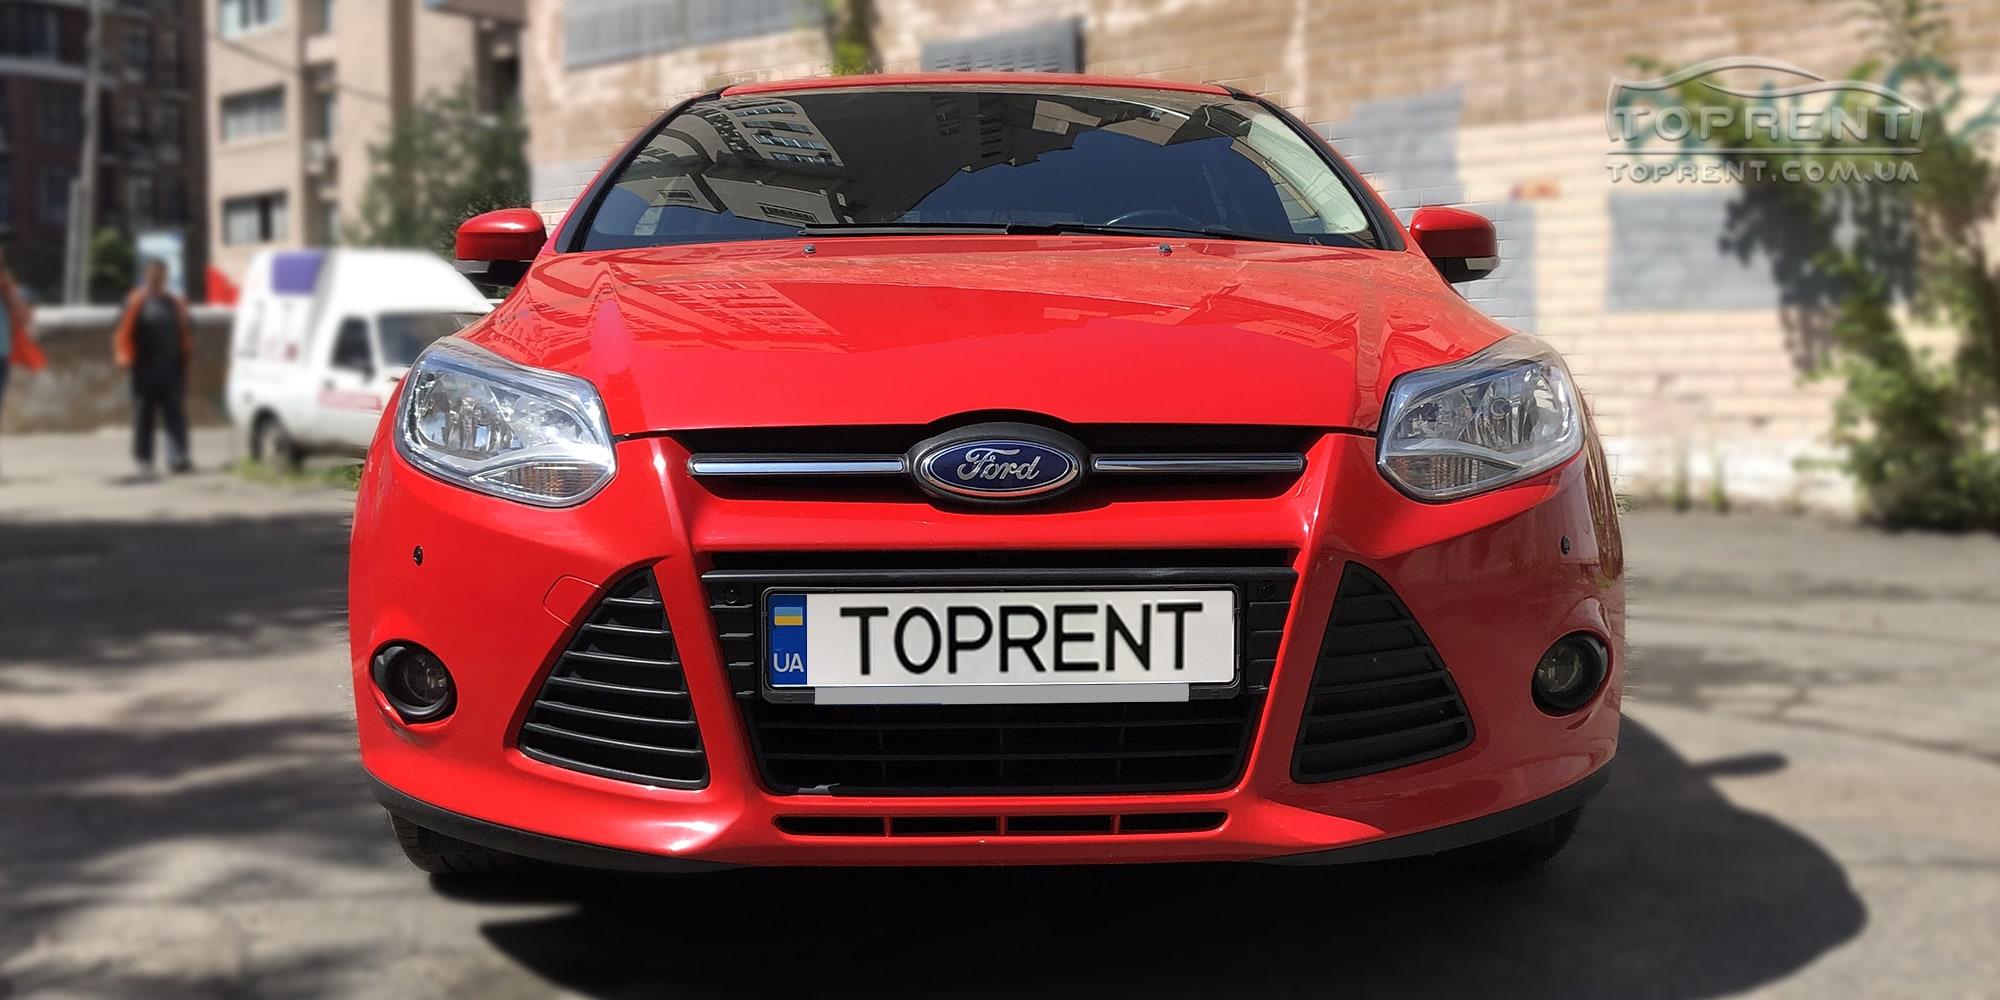 Ford-Focus-wagon-TopRent.com.ua-1